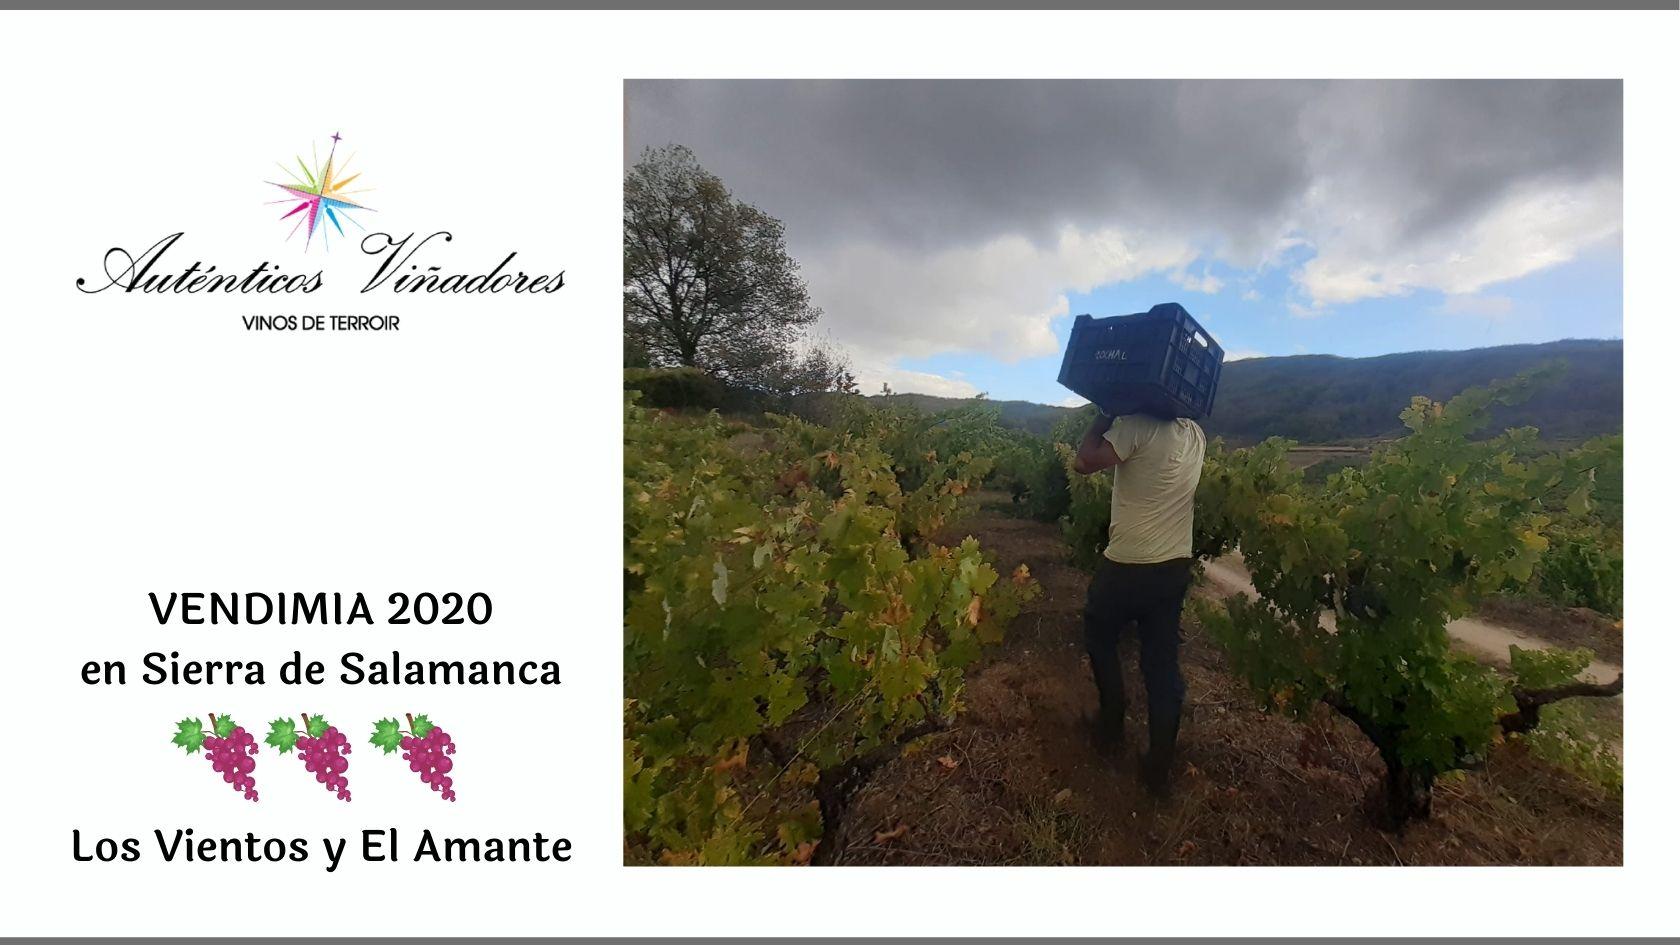 Vendimia en Sierra de Salamanca dónde nacen Los Vientos y El Amante